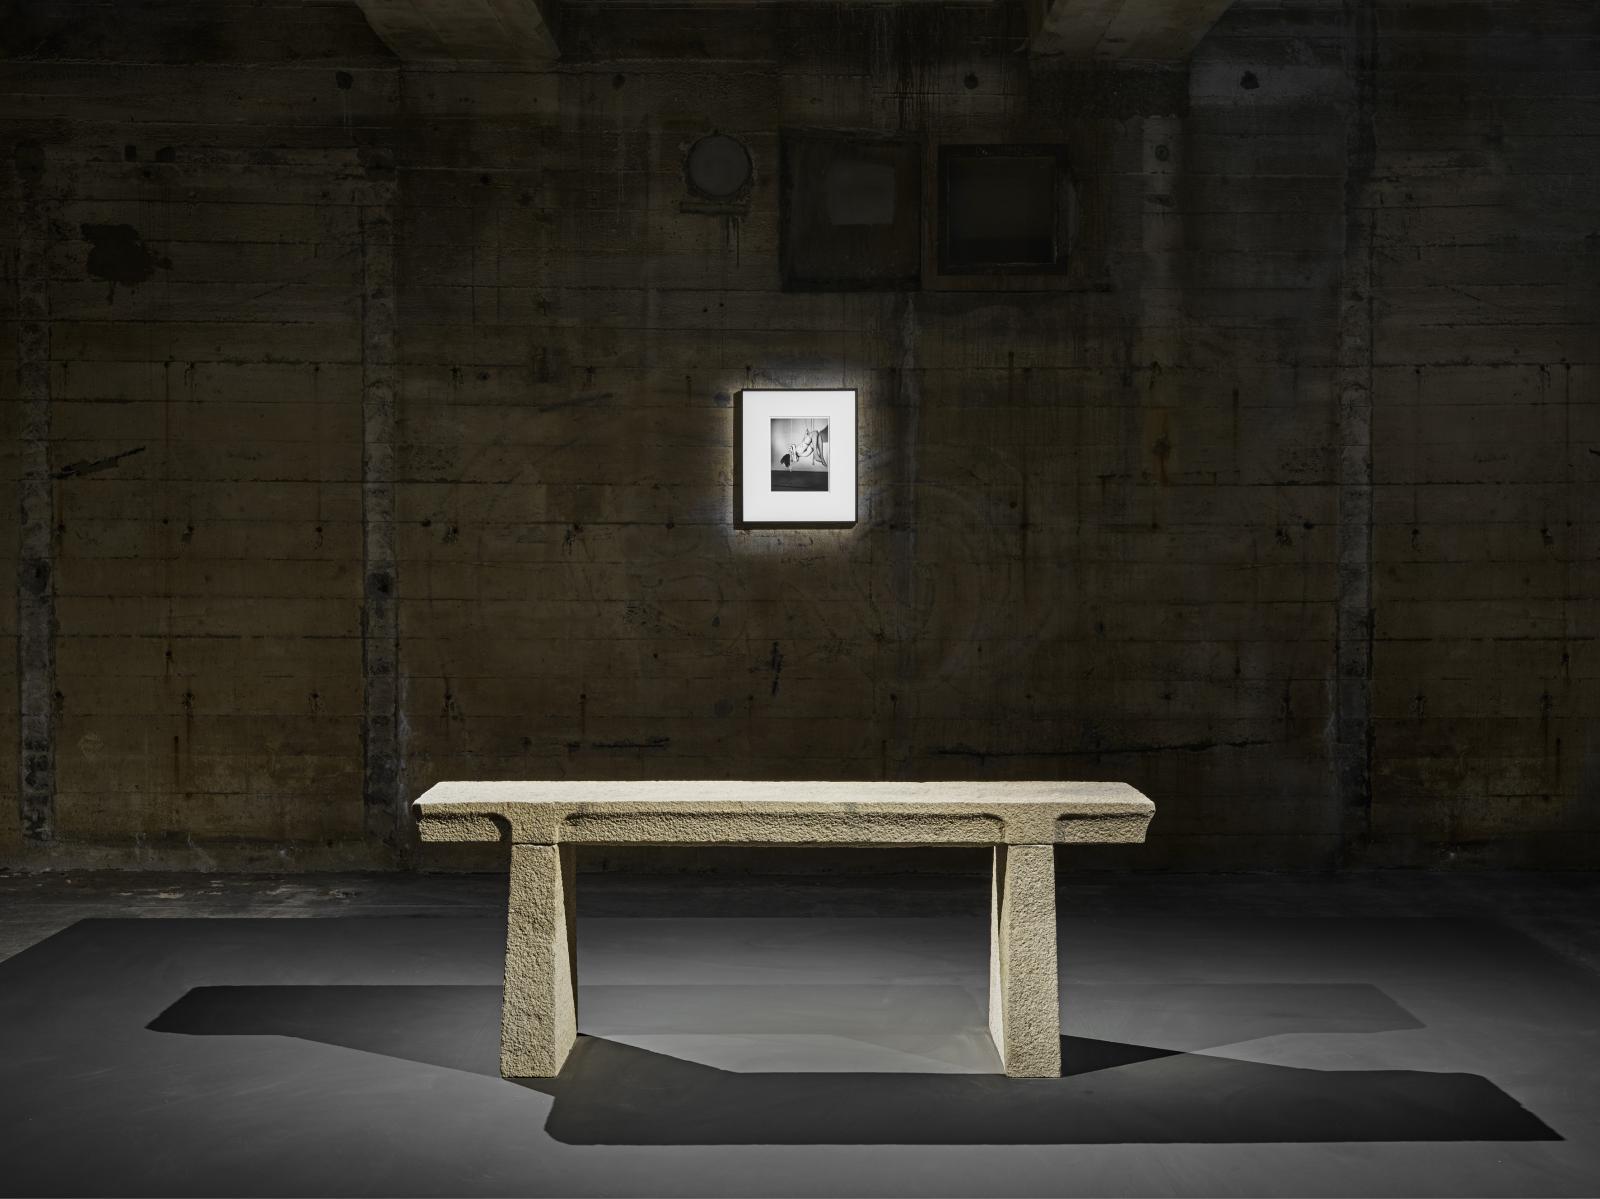 Vue d'une installation de la collection Feuerle avec une photographie de Nobuyoshi Araki (Kinbaku, 1979-2015), et une table d'écriture en pierre, de l